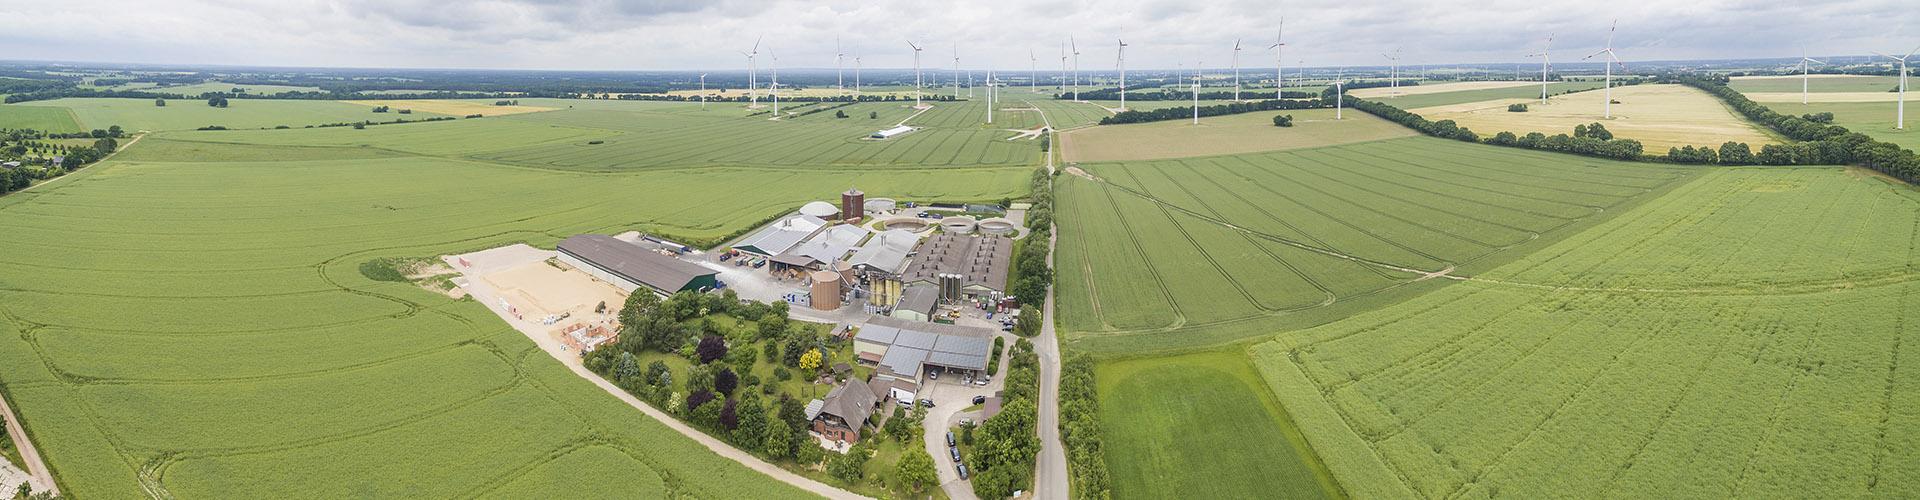 Luftbild Hagemann Dienste GmbH